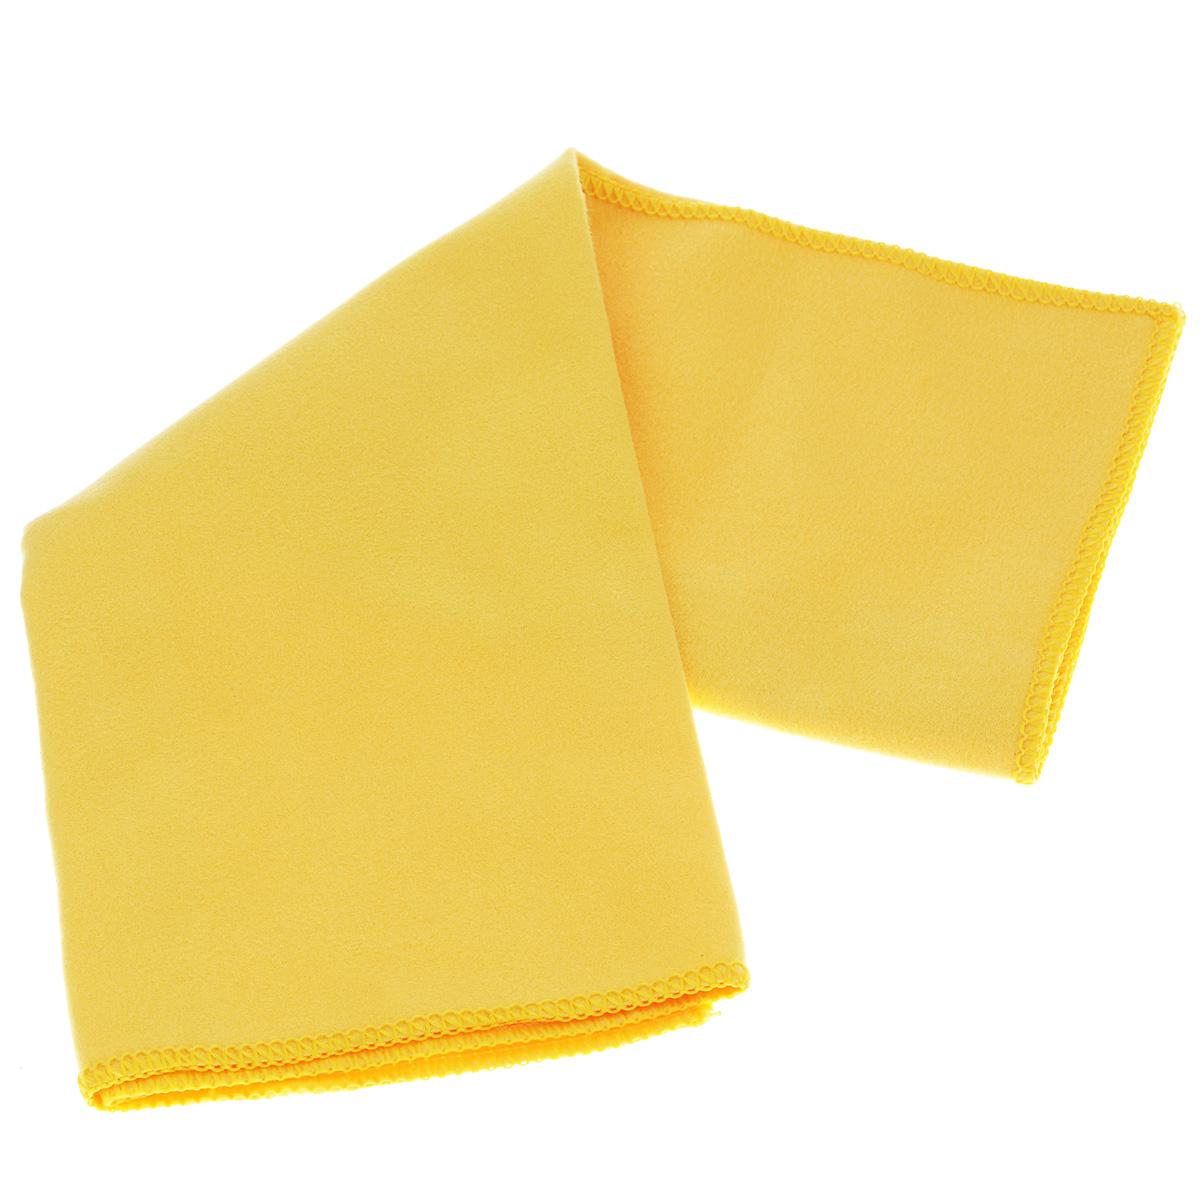 Cалфетка Sapfire Suede, цвет: желтый, 35 х 40 смRSP-202SБлагодаря своей нежной структуре, салфетка Sapfire Suede из искусственной замши идеально подходит для протирки стекол, зеркал и других деликатных поверхностей в машине и дома.Состав: 80% полиэстер, 20% полиамид.